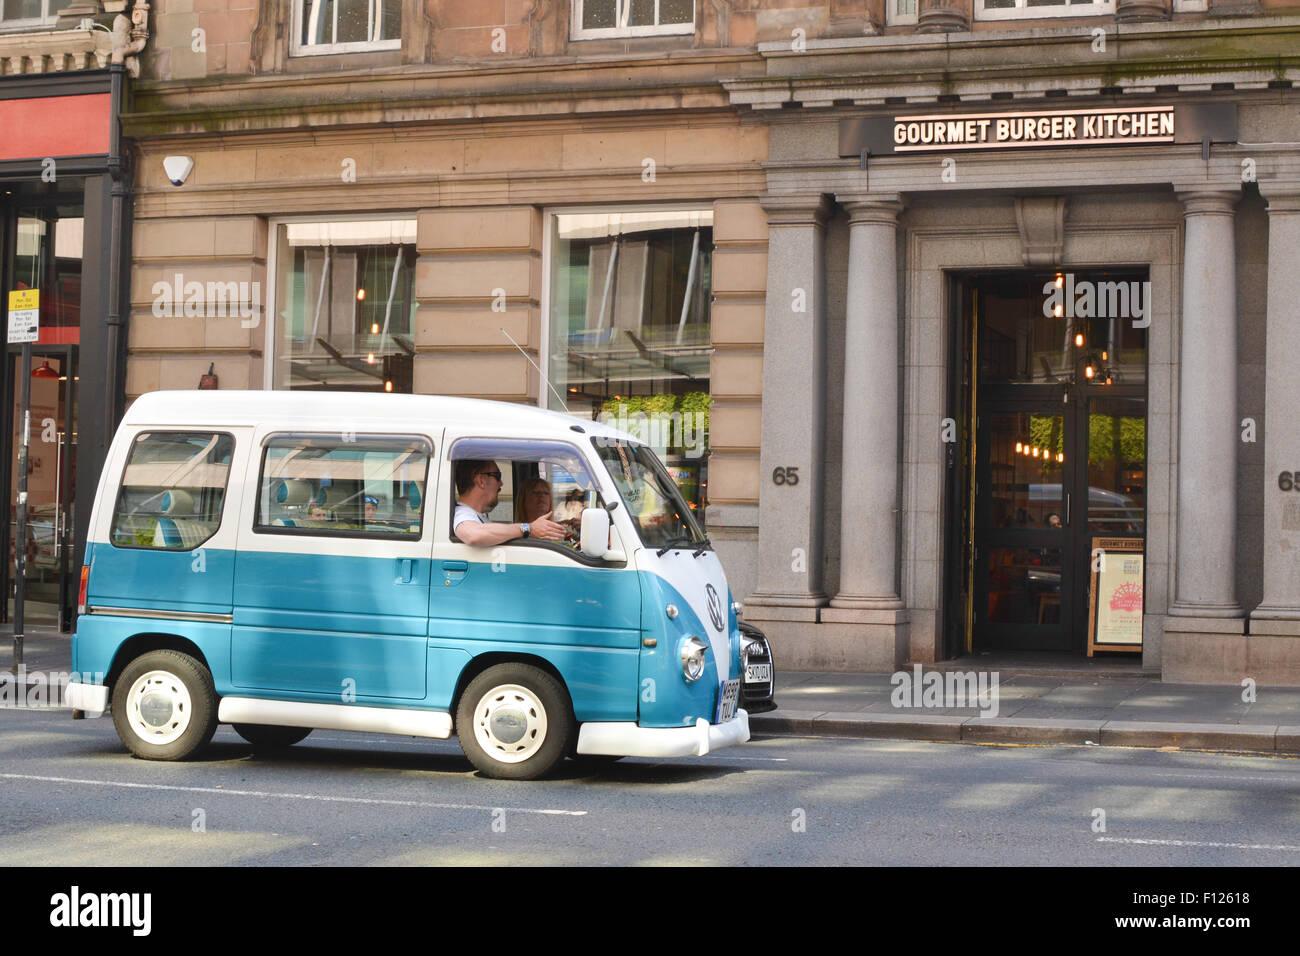 Subaru Sambar Auto VW Samba Camper replica driving in Glasgow city centre - Stock Image